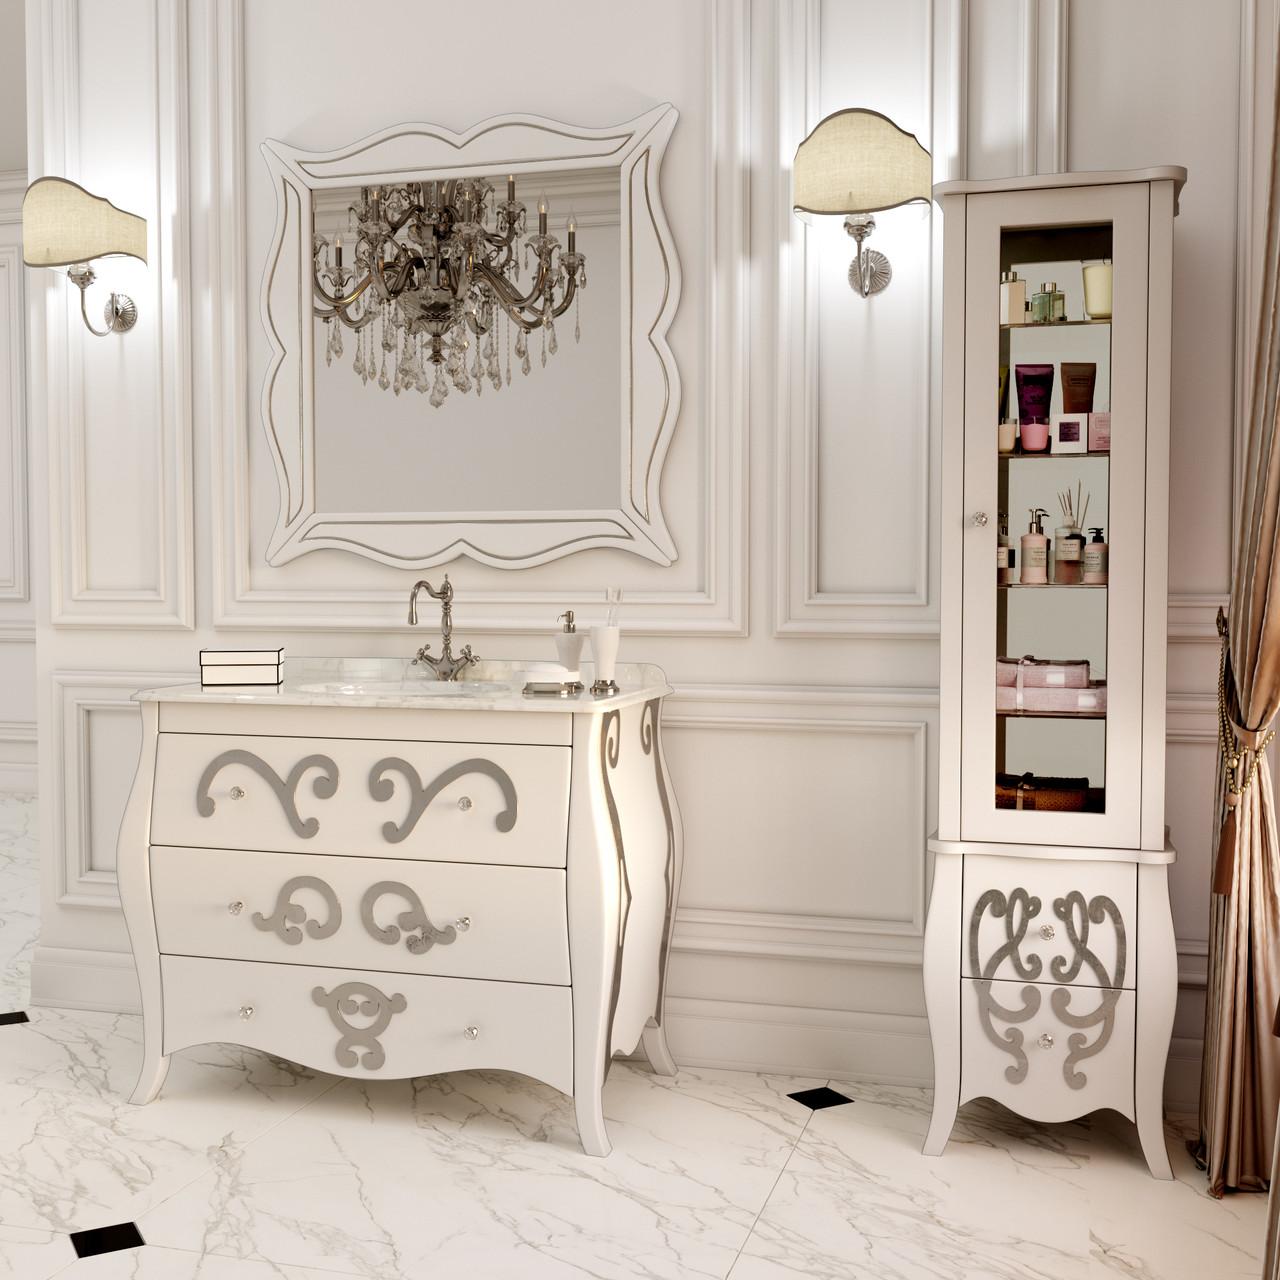 Тумба для ванной комнаты Marsan Arlette 900 рисунок серебро